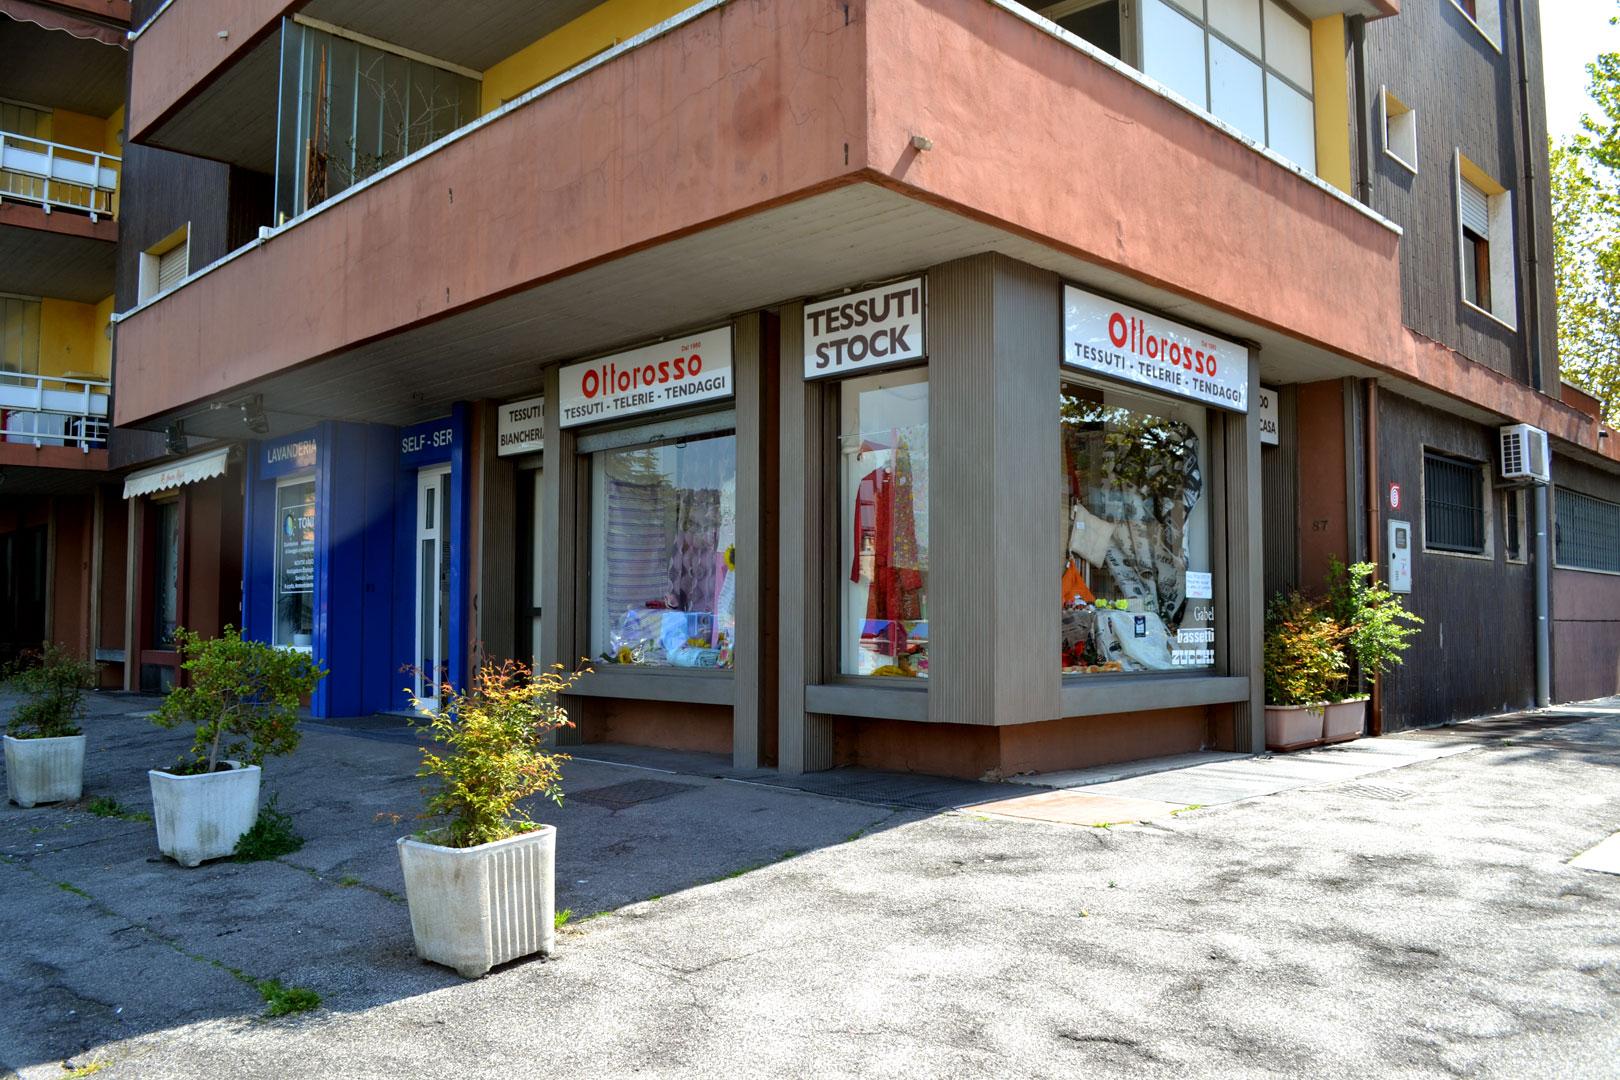 Ottorosso sesto fiorentino official website via della - Biancheria per la casa blumarine ...